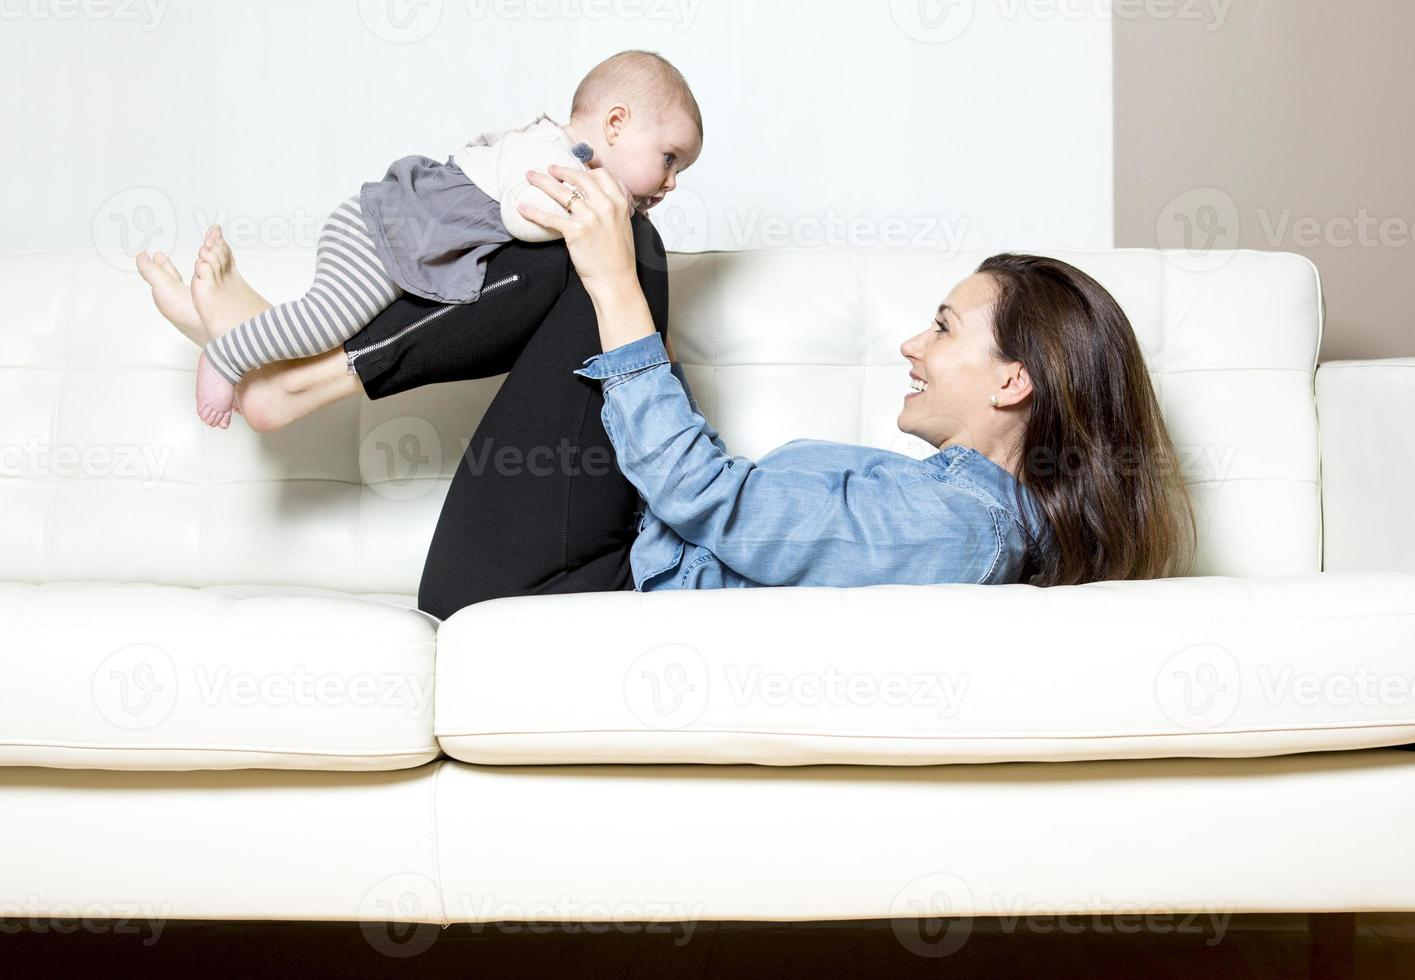 madre con bebé en el sofá tomando un buen rato foto